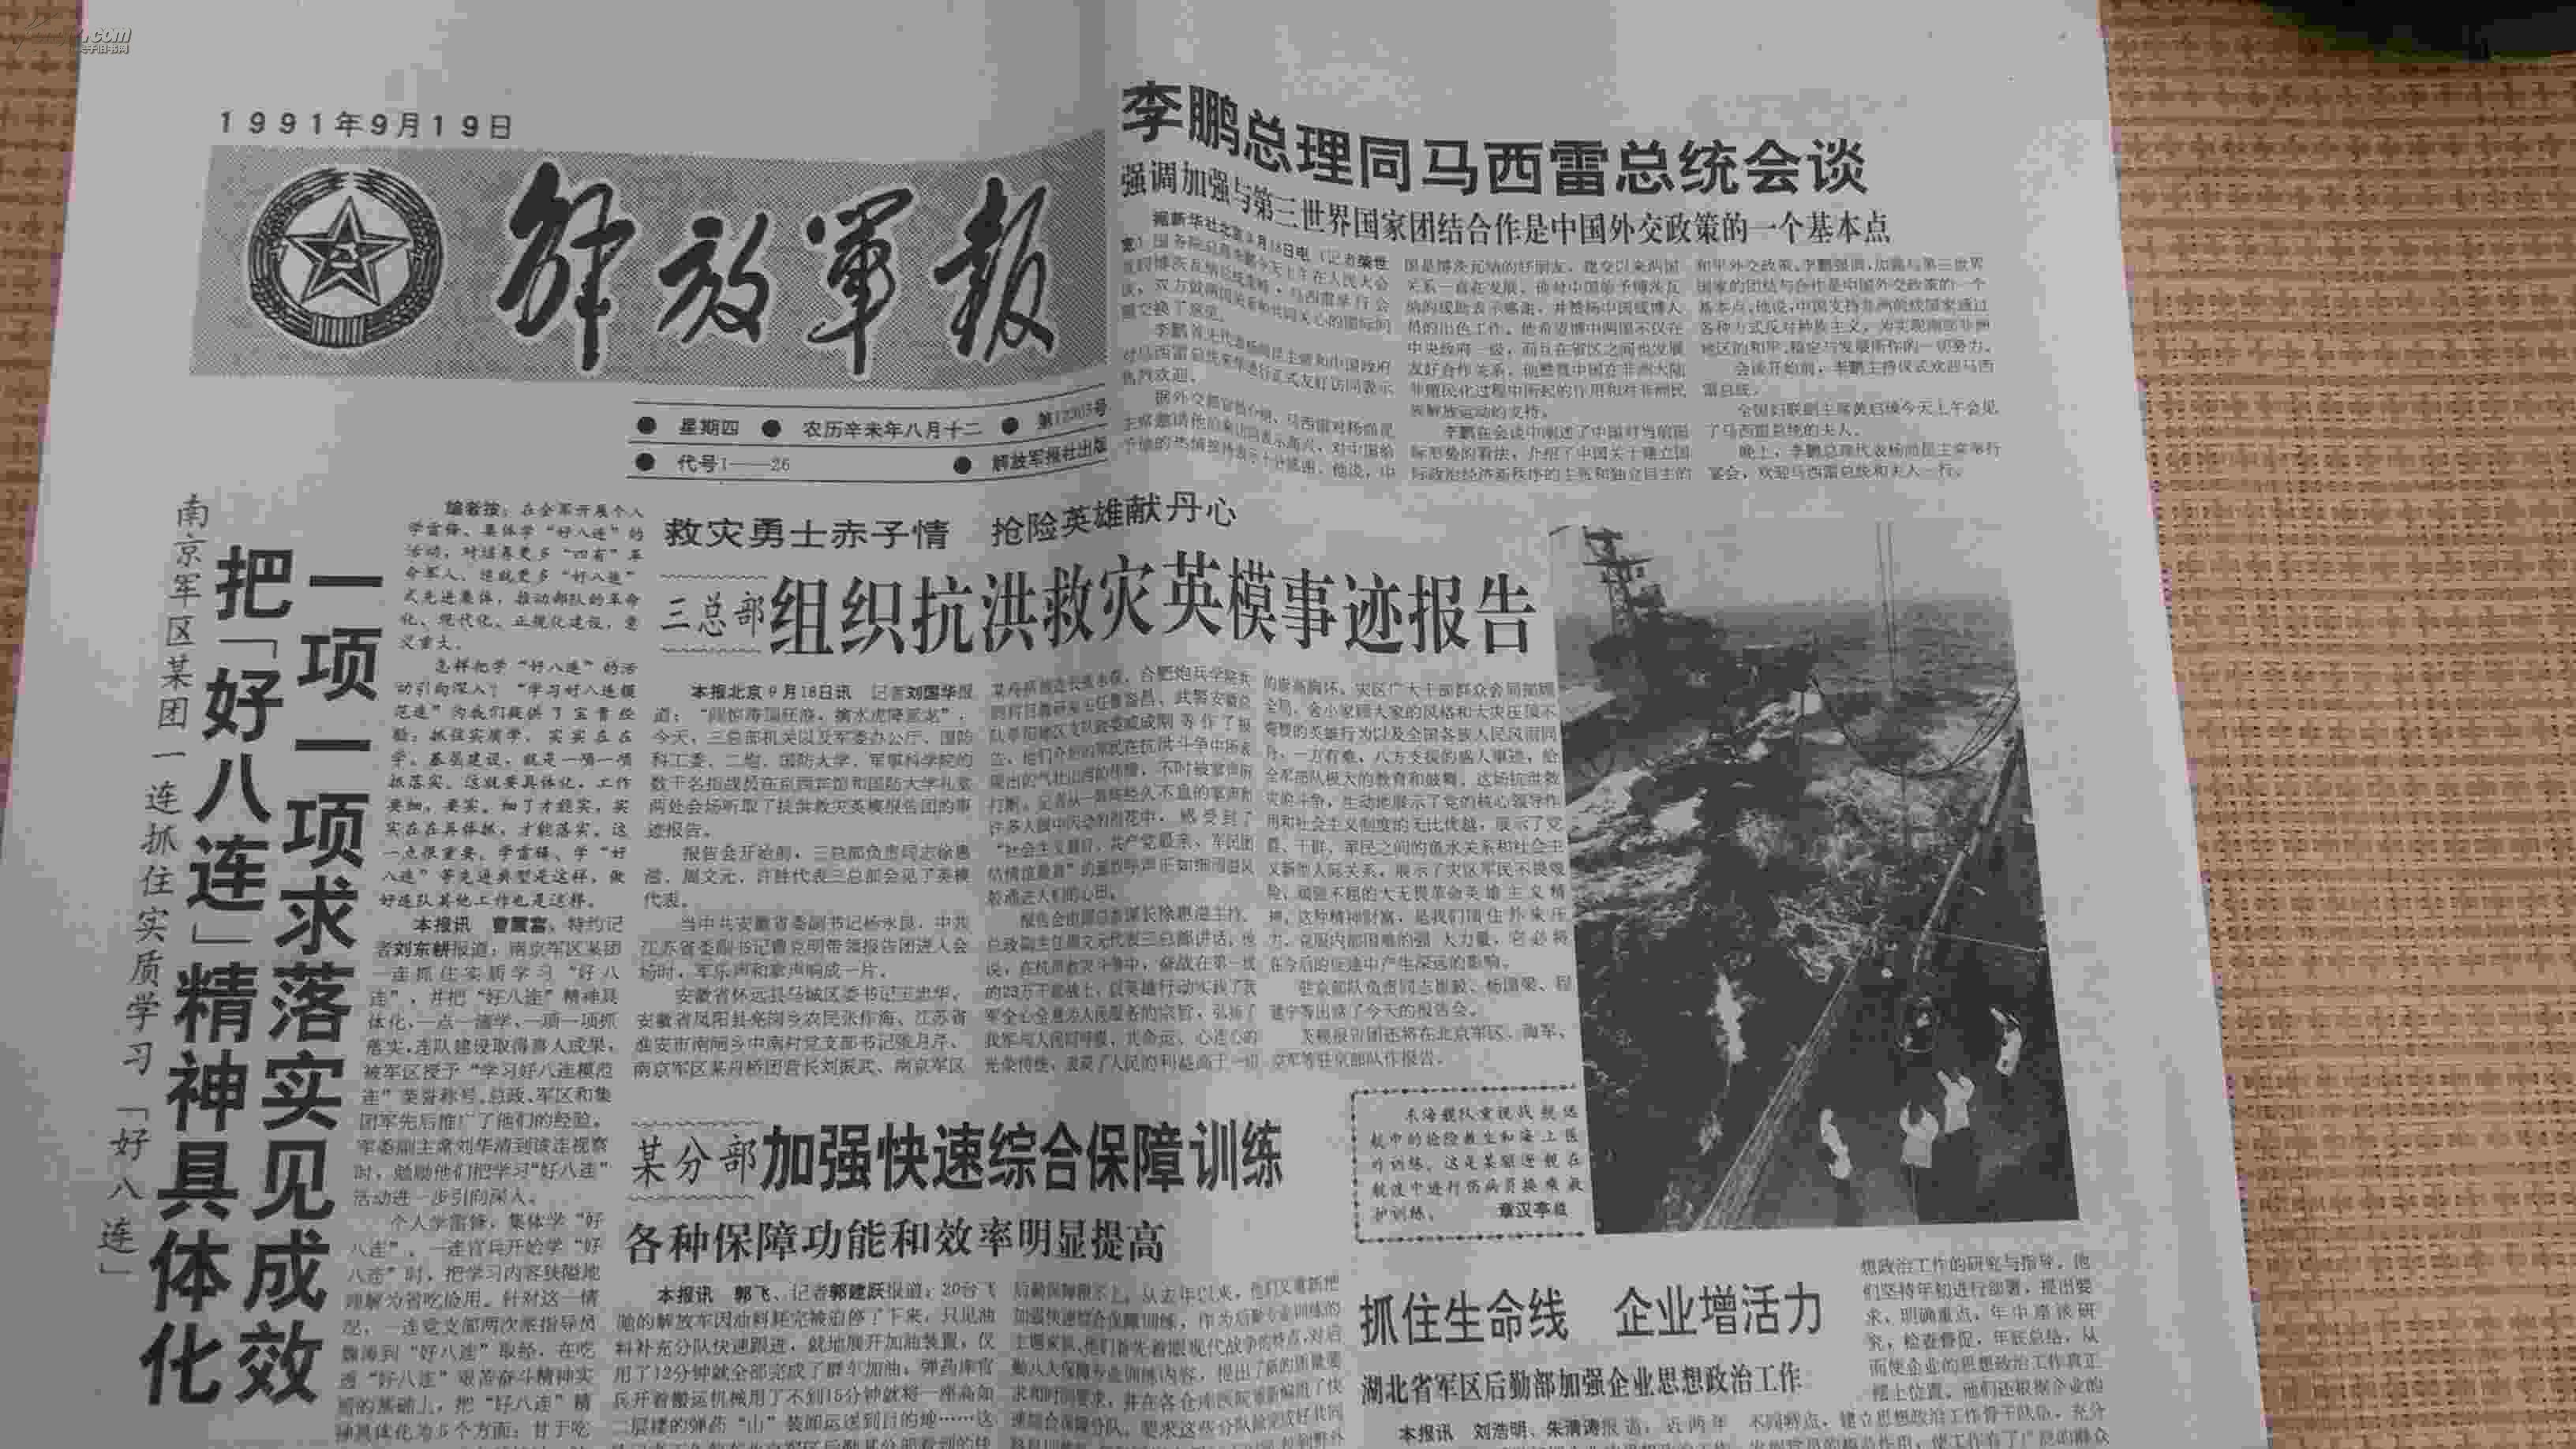 解放军报(1991年9月19日)